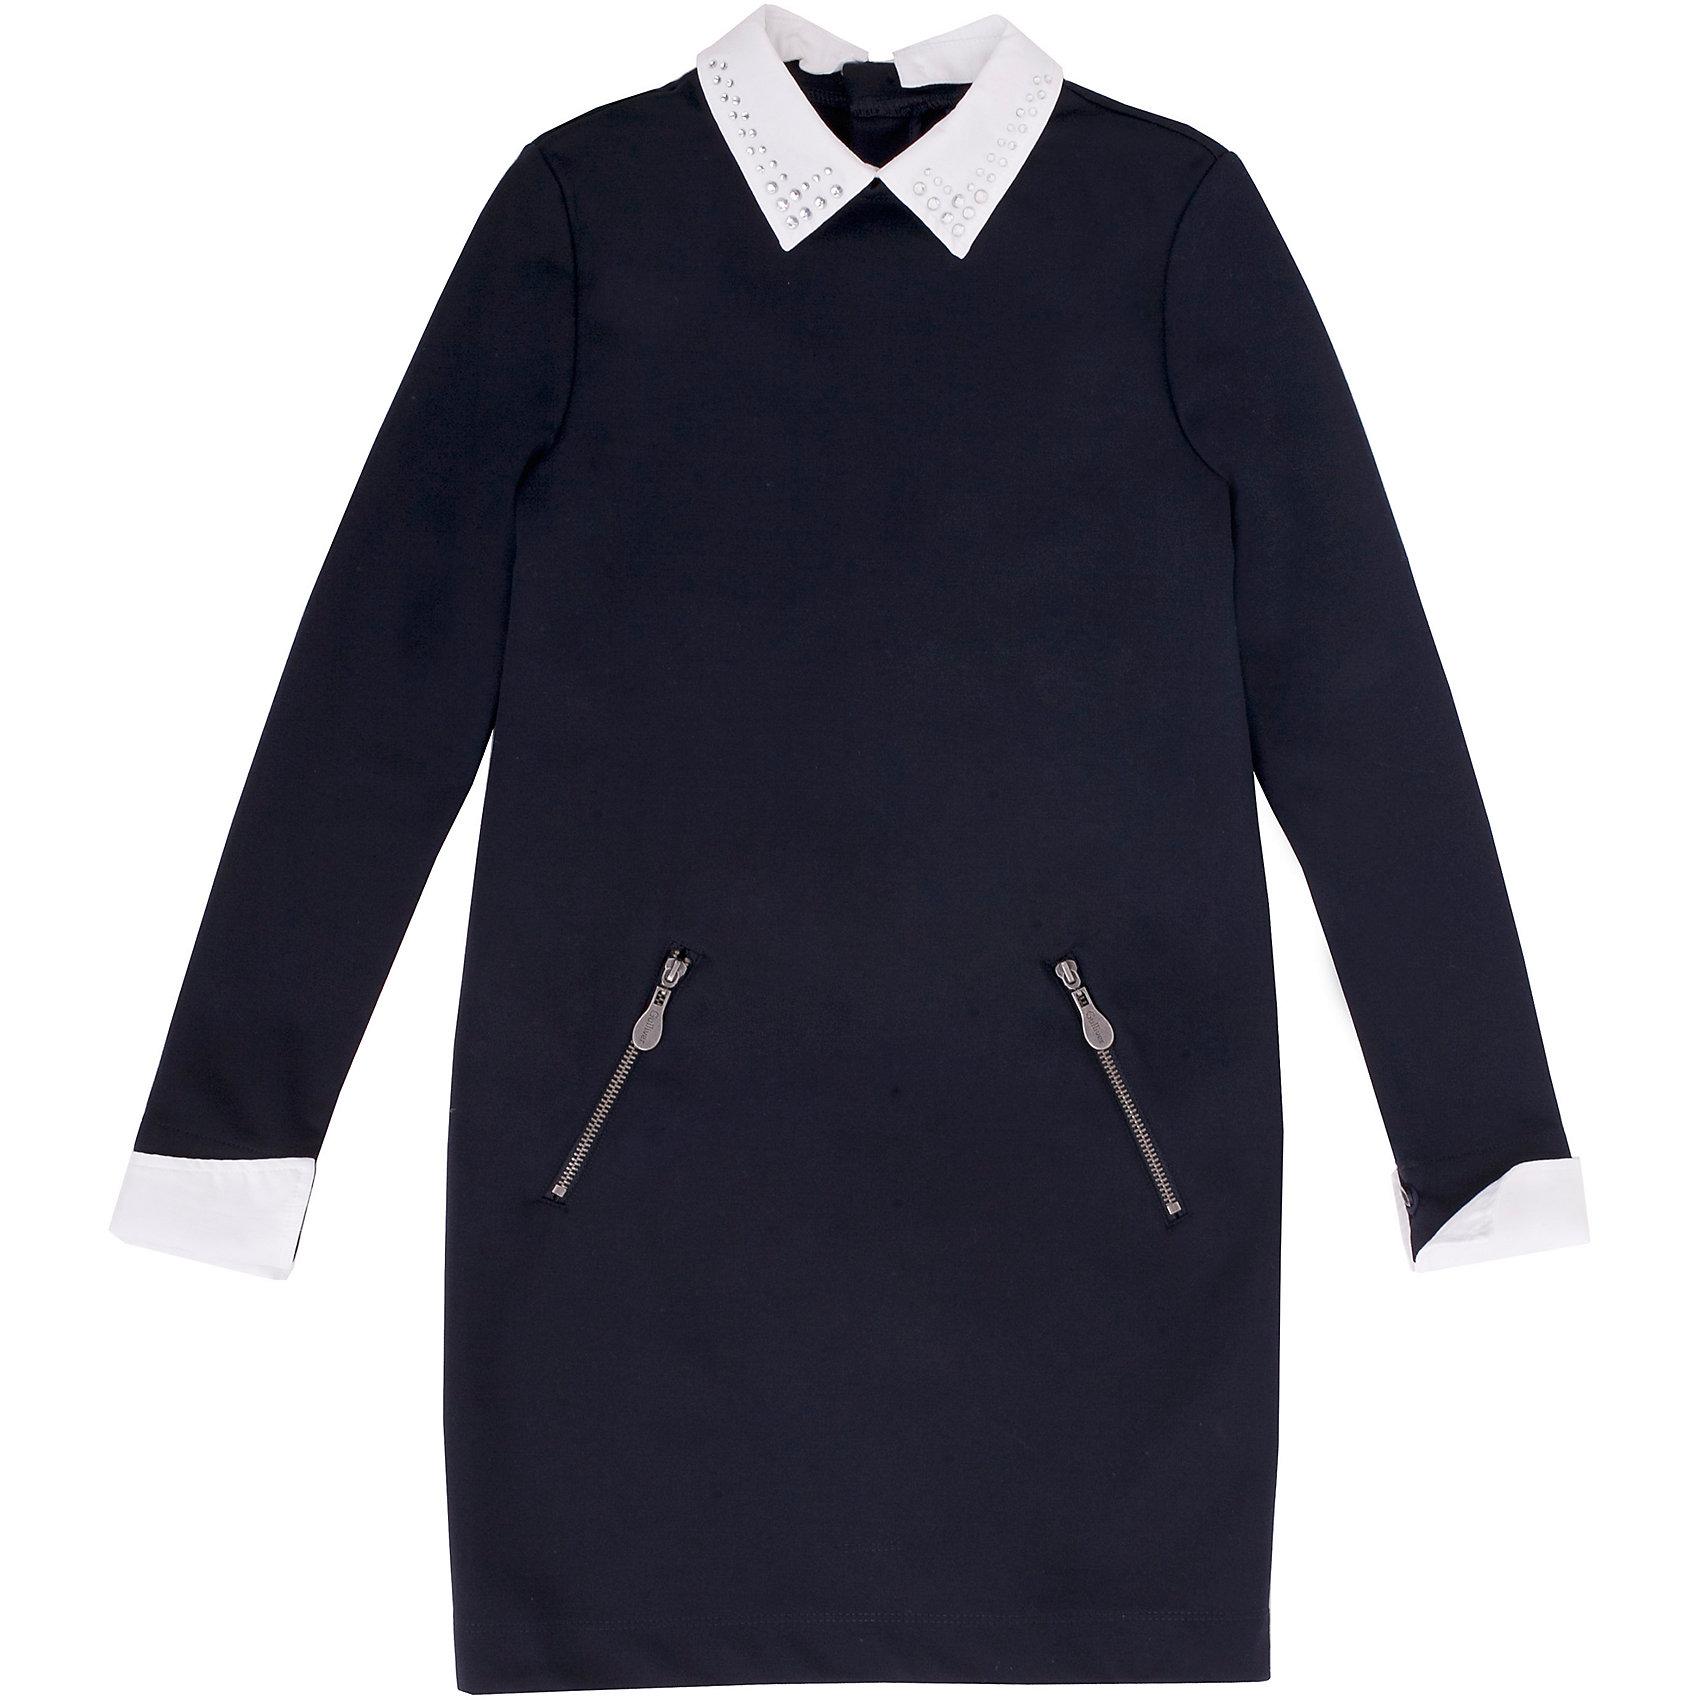 Платье GulliverПлатья и сарафаны<br>Платье для девочки от российской марки Gulliver.<br>Замечательное платье из трикотажного футера  - практичное комфортное решение на каждый день. Оно не стесняет движений,  имеет удобные карманы для хранения девичьих секретов. Съемные ворот и манжеты  упрощают уход за изделием, напоминая мамам их школьные годы, когда воротнички и манжеты нужно было отпарывать для замены. Мягкий округлый силуэт сарафана гарантирует отличную посадку на всех типах  детской фигуры. Состав и плотность трикотажного полотна придают ощущение добротности, долговечности вещи.<br>Состав:<br>72% полиэстер 24% вискоза             4% эластан<br><br>Ширина мм: 236<br>Глубина мм: 16<br>Высота мм: 184<br>Вес г: 177<br>Цвет: синий<br>Возраст от месяцев: 72<br>Возраст до месяцев: 84<br>Пол: Женский<br>Возраст: Детский<br>Размер: 122,140,164,134,128,146,158,152<br>SKU: 4174840